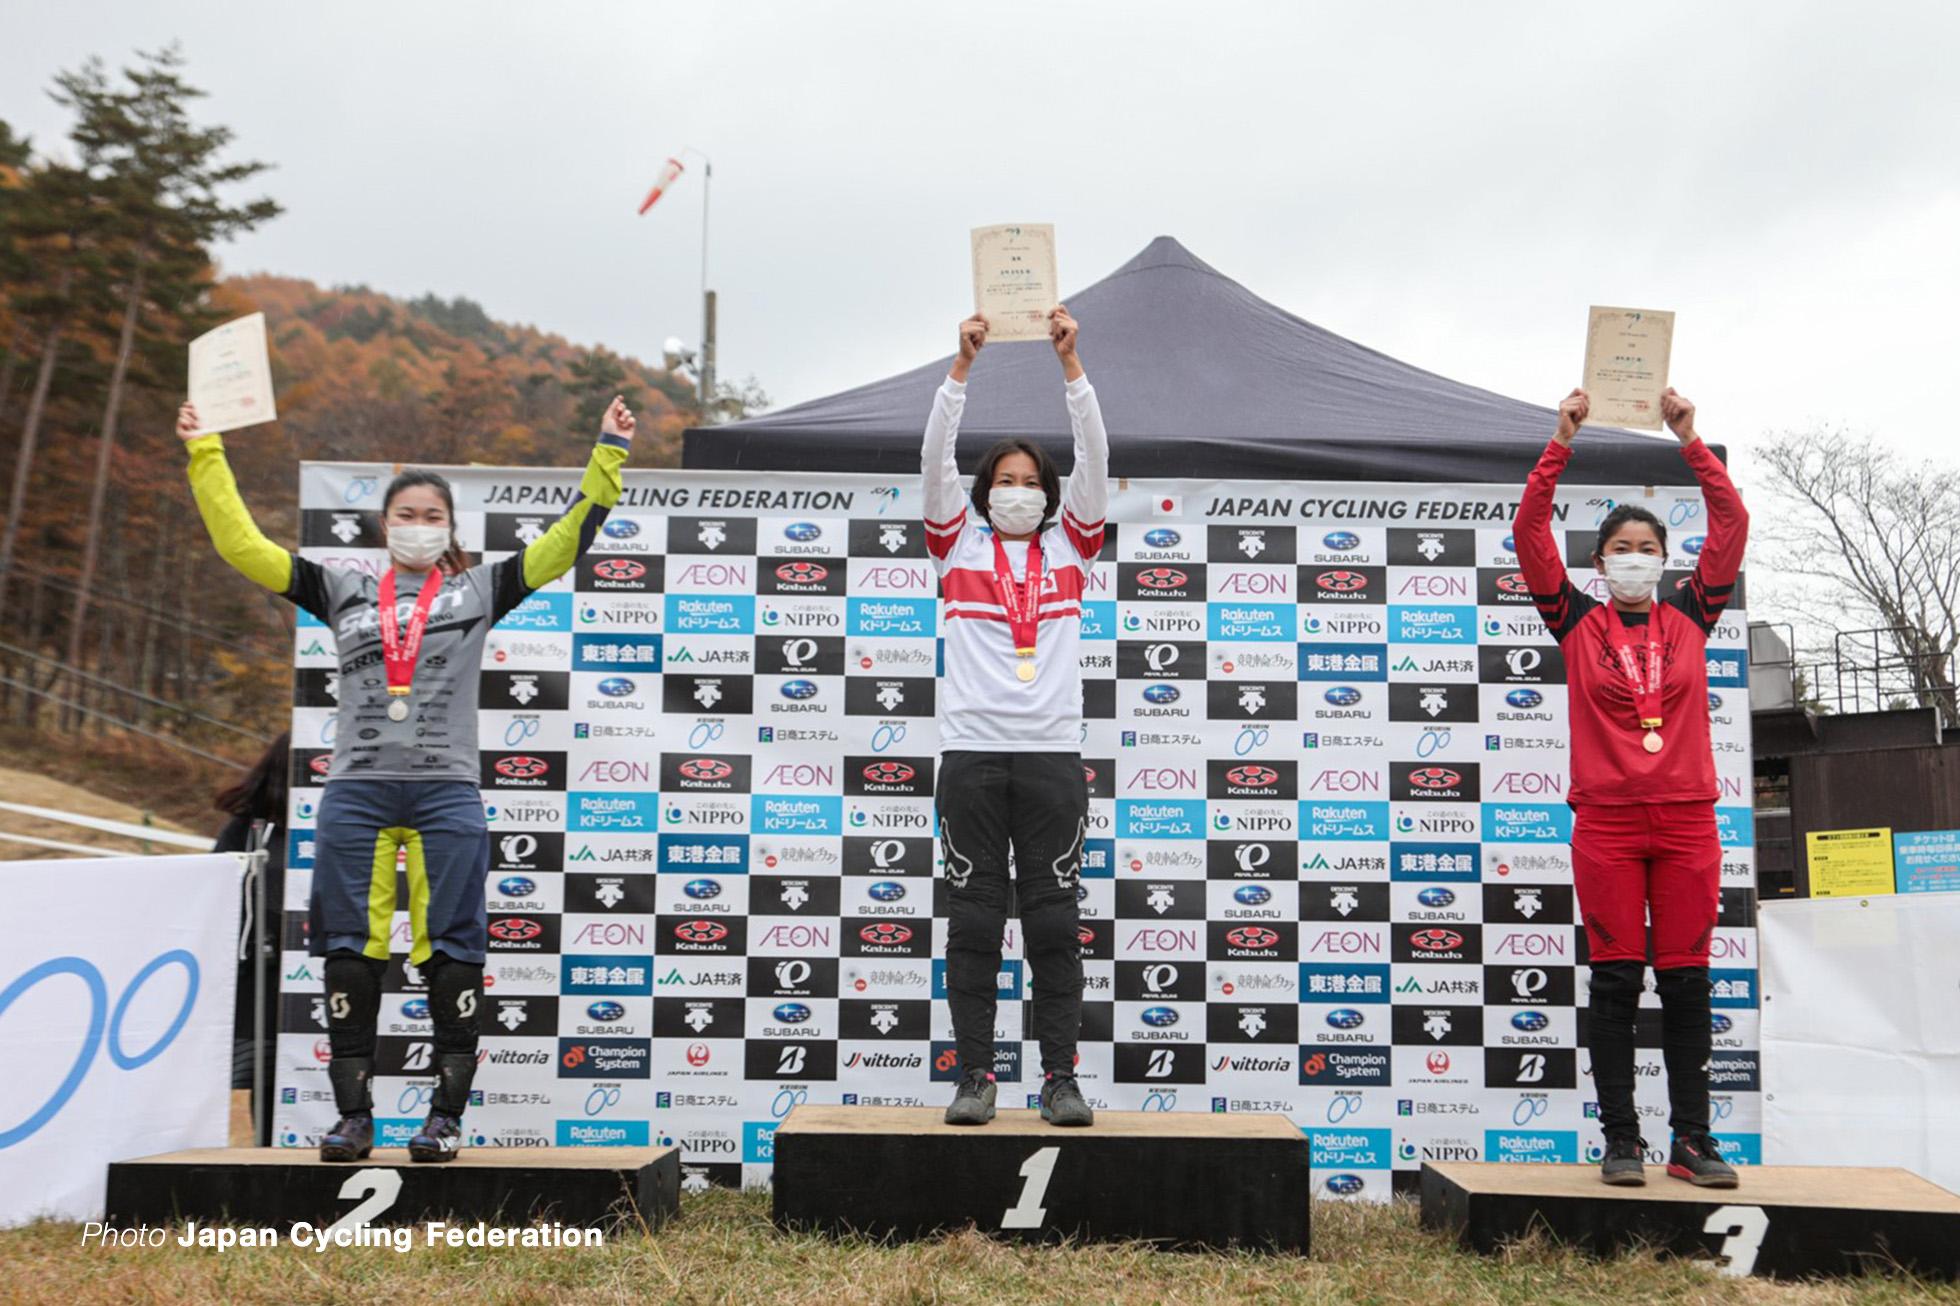 第33回全日本自転車競技選手権 DHI 女子エリート